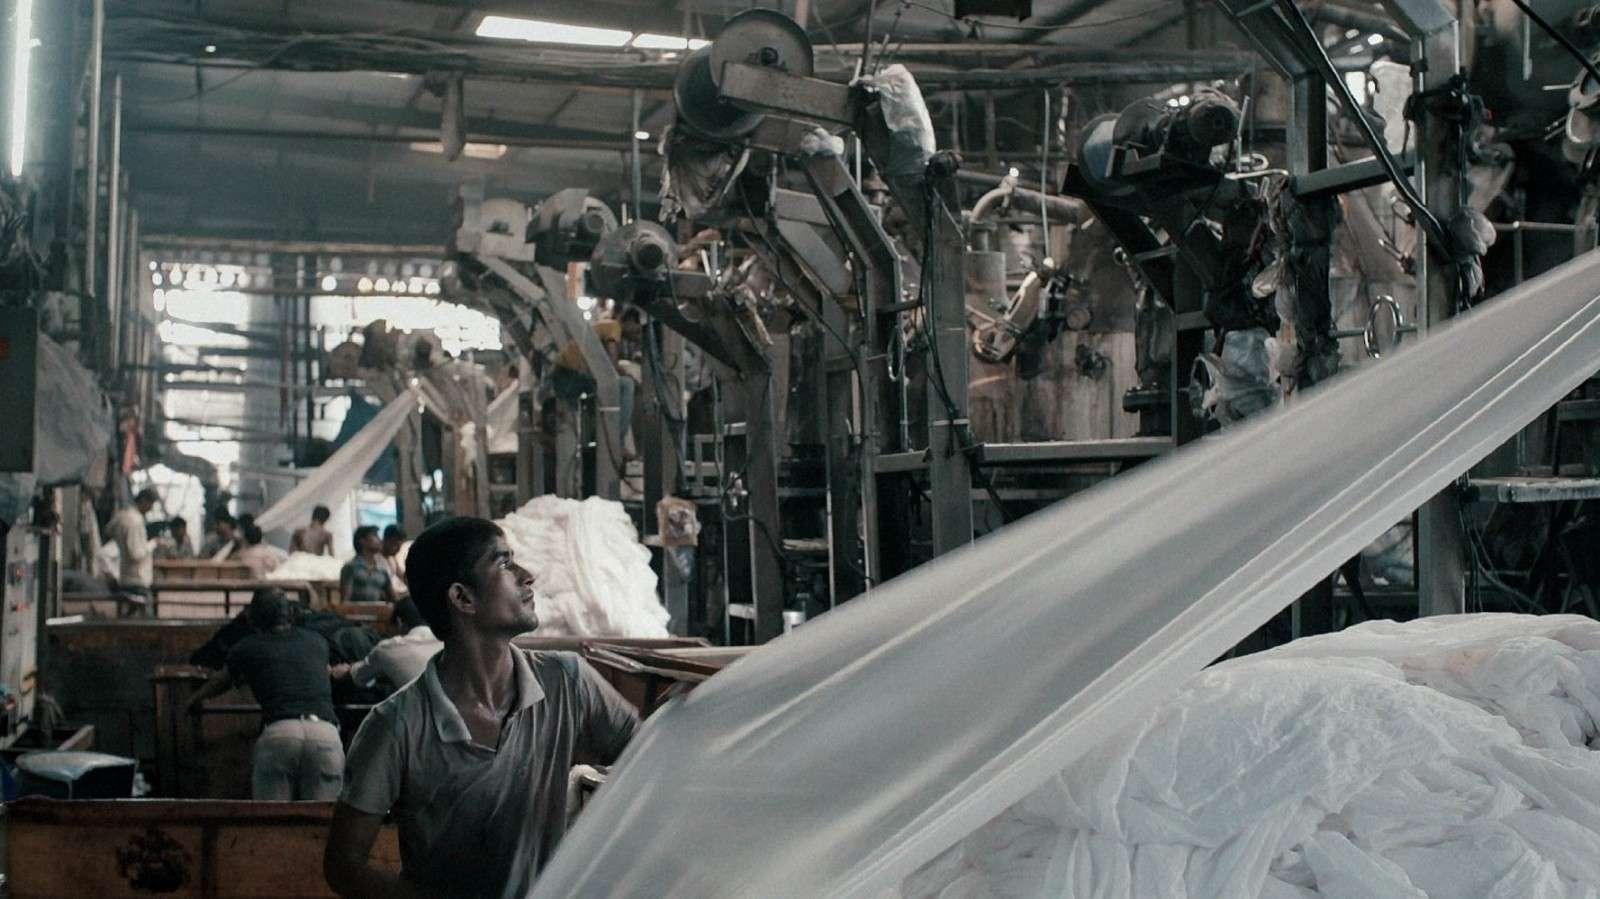 Machines press foto matkaelokuva